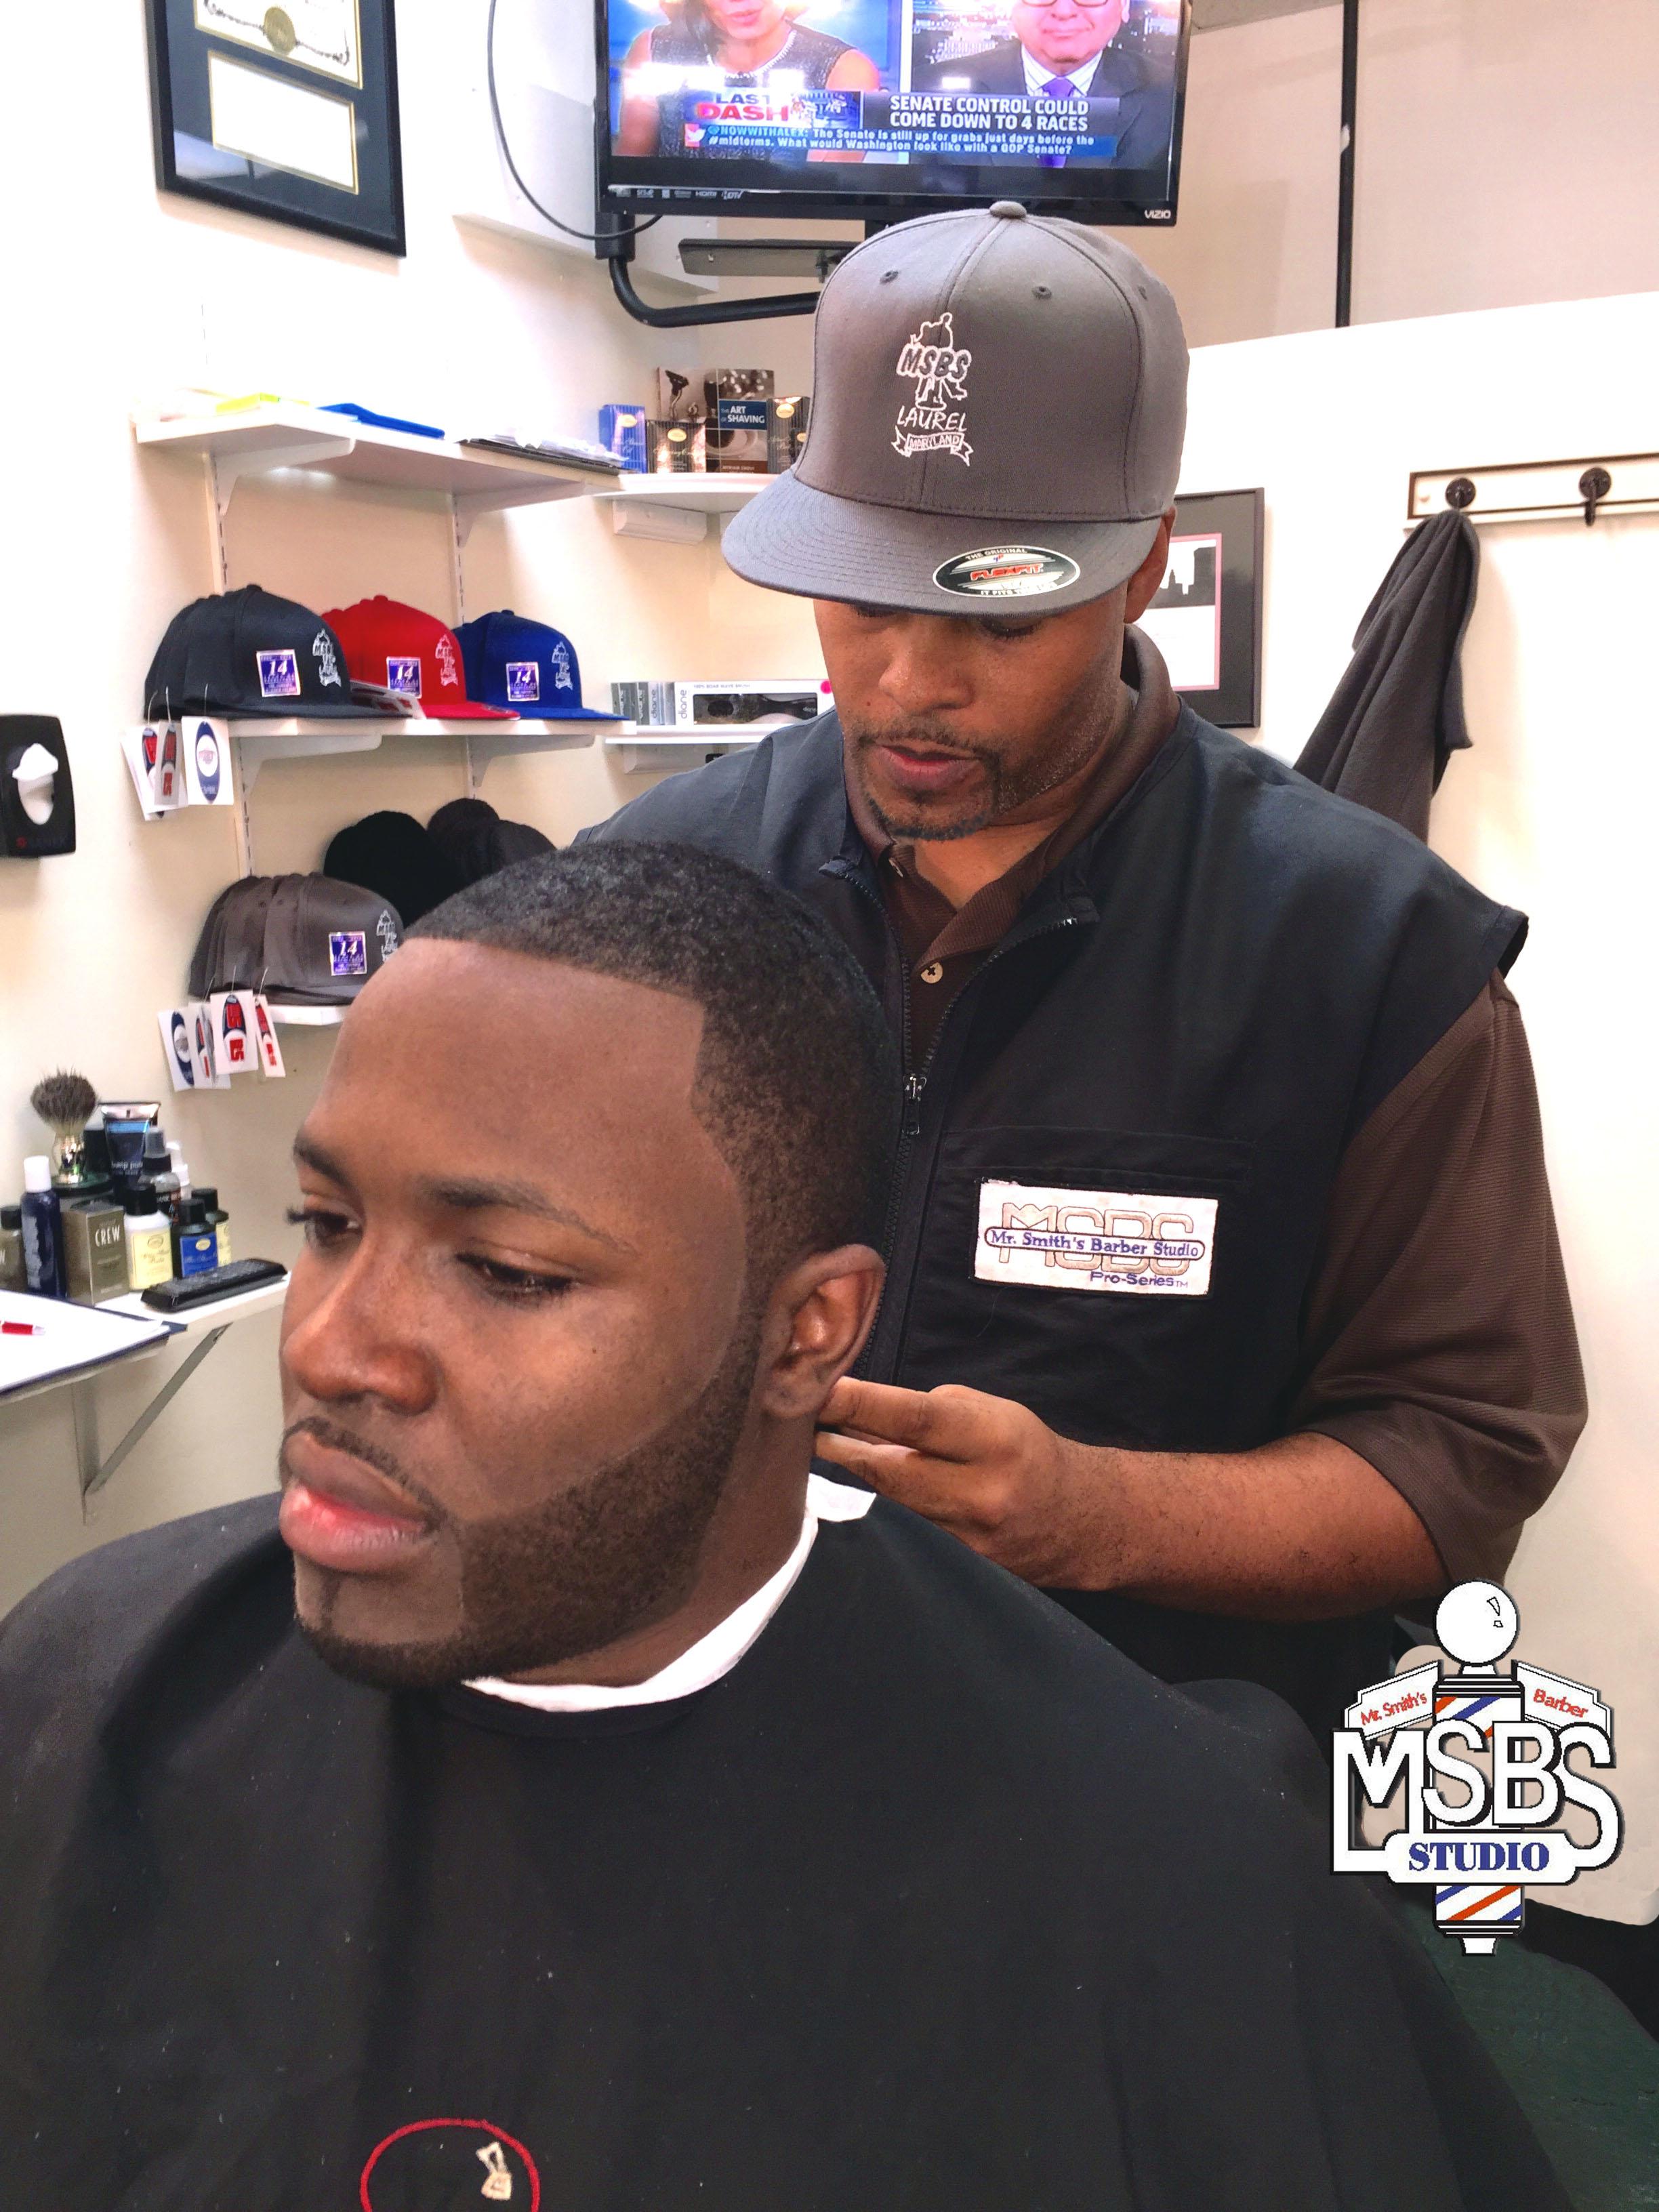 Mr. Smith's Barber Studio image 5